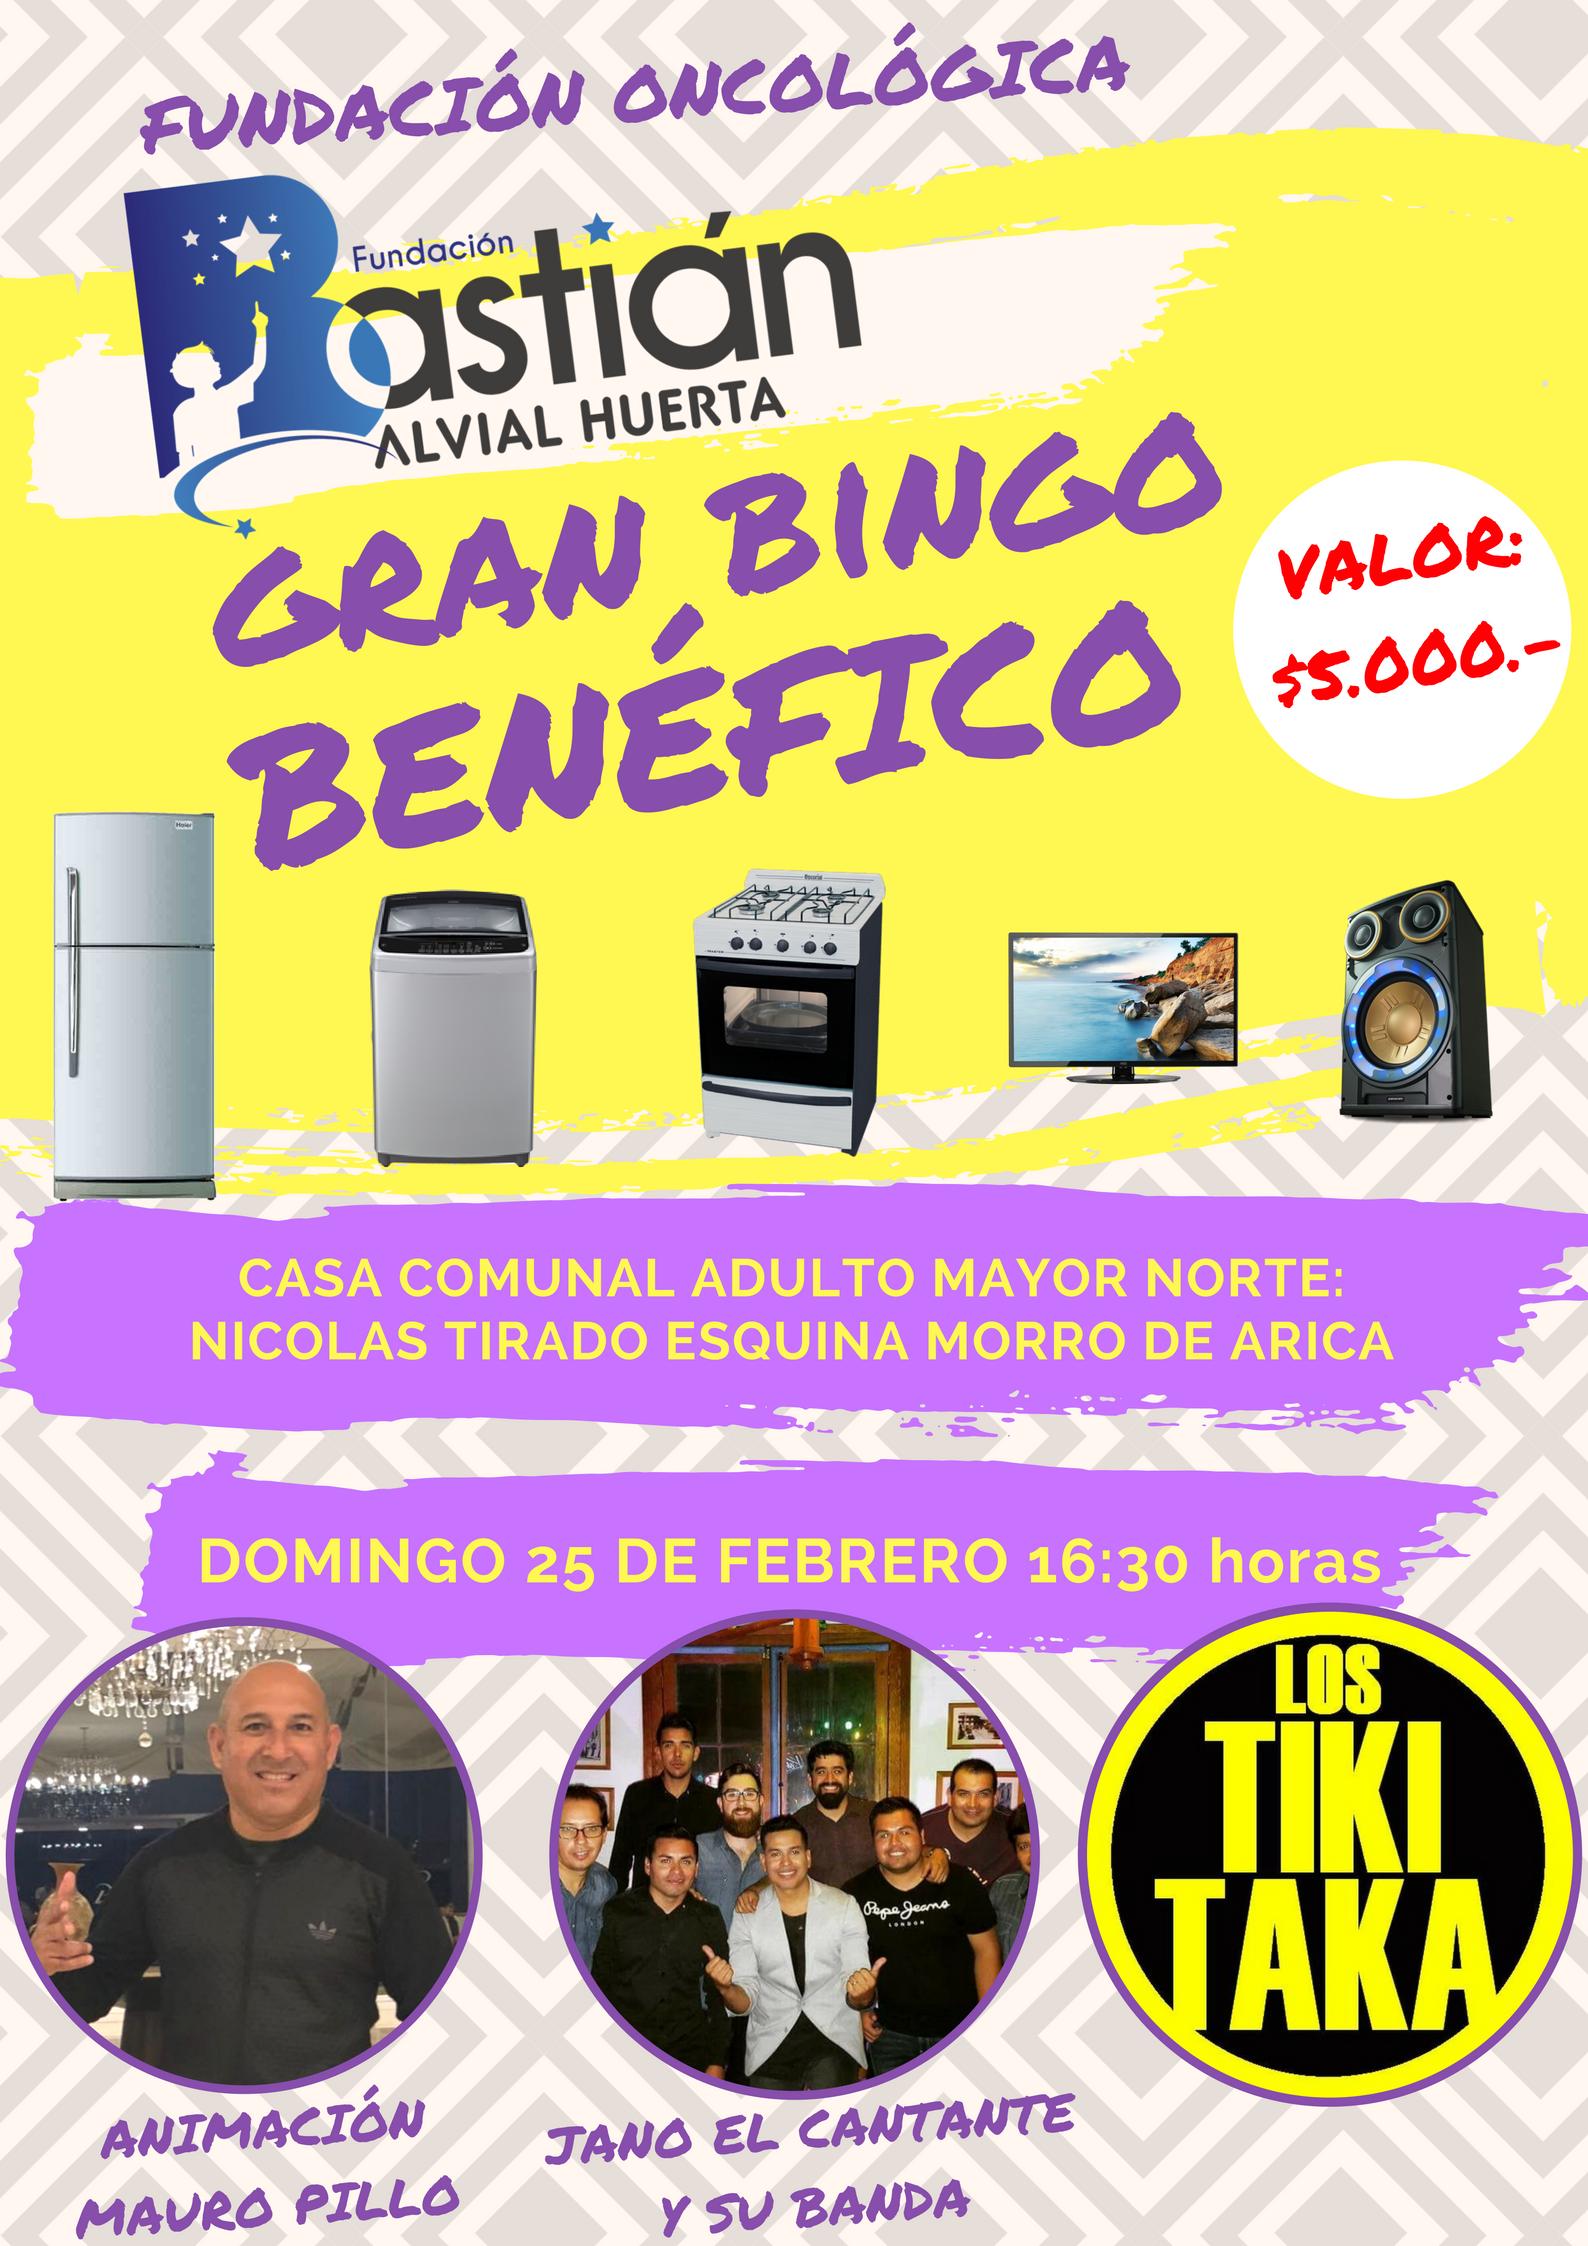 Gran Bingo a Beneficio Fundación Bastian Alvial Huerta